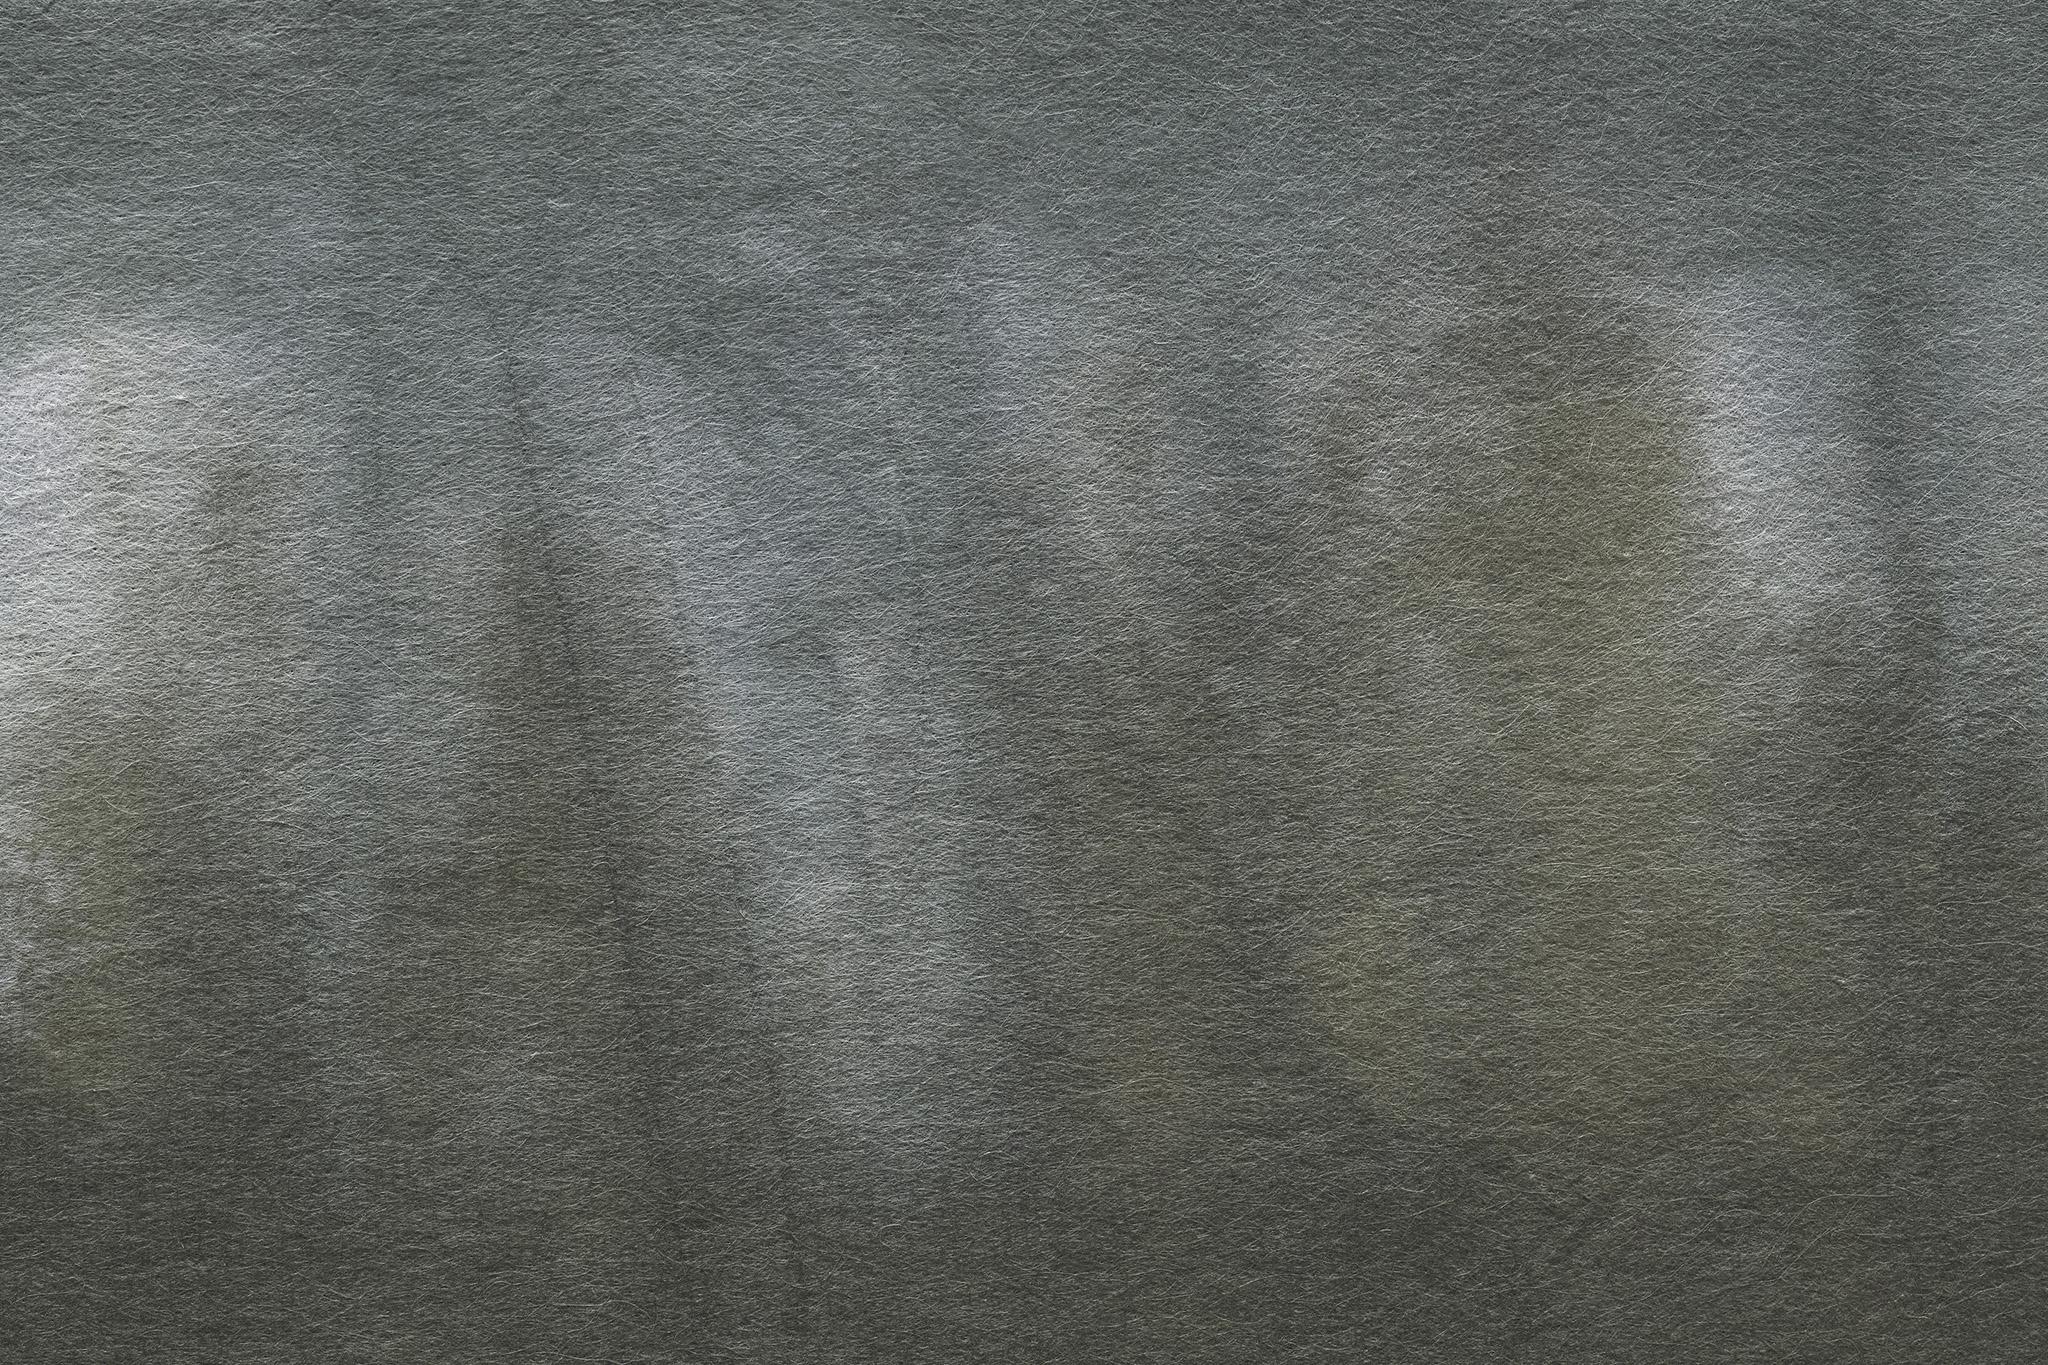 「鼠色の斑のある和紙素材」